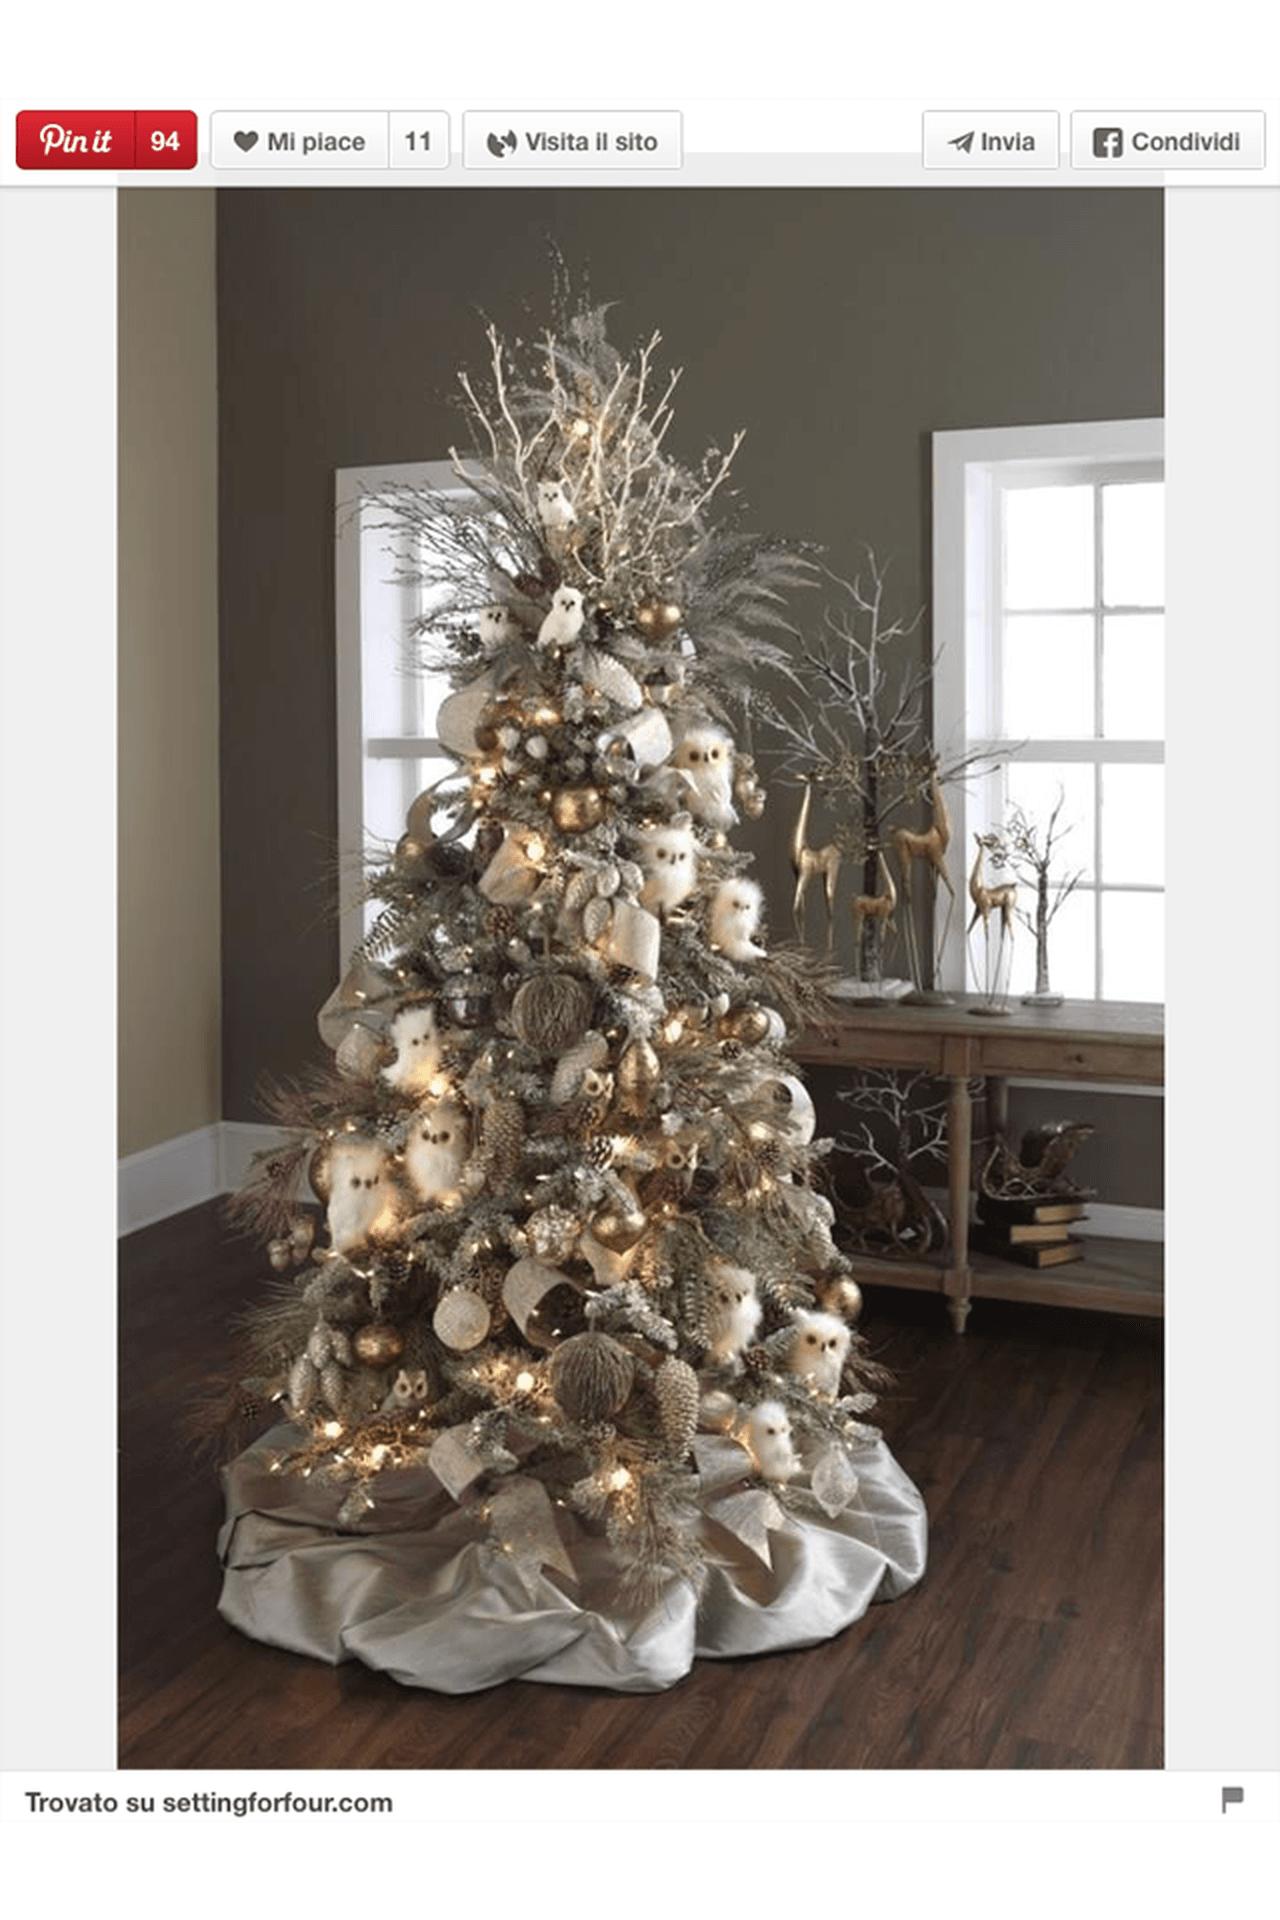 Molto Alberi di Natale: tradizionali o creativi? Spunti da Pinterest WG64